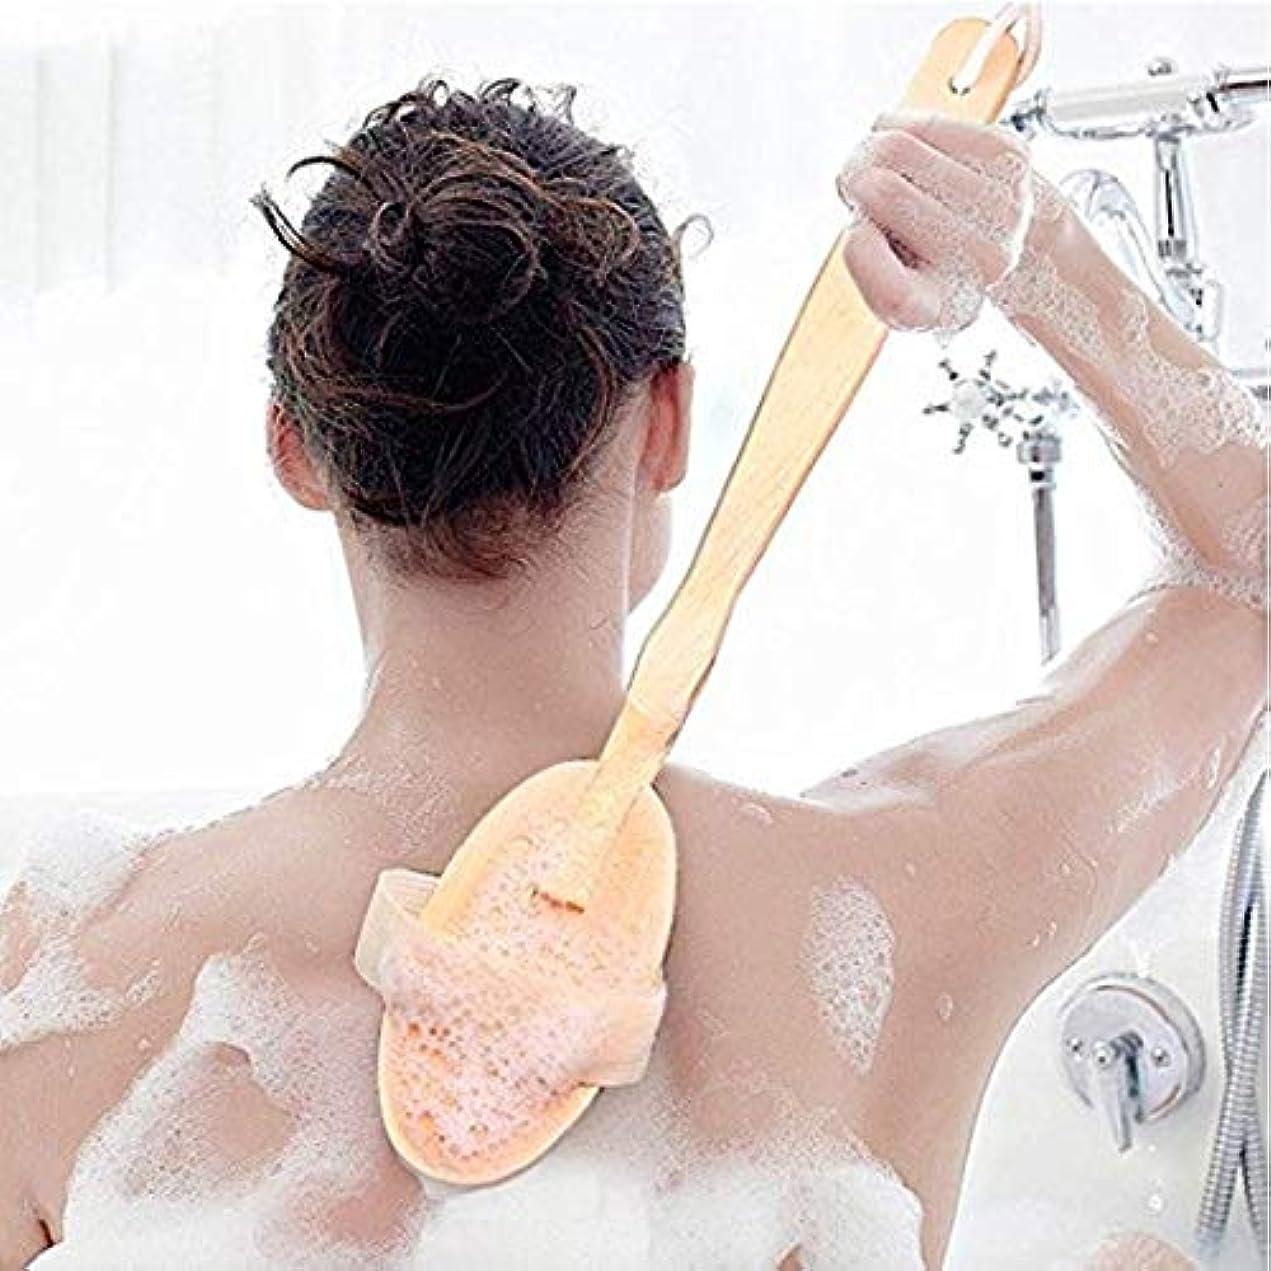 ブレース有名ローストicey 木製 長柄 入浴ブラシ お風呂の神器 ブラシ 入浴ブラシ ブタのたらいブラシ 軟毛 背中をこす 背中長柄ボディブラシ高級木製豚毛入浴ブラシ美肌効果むくみ改善